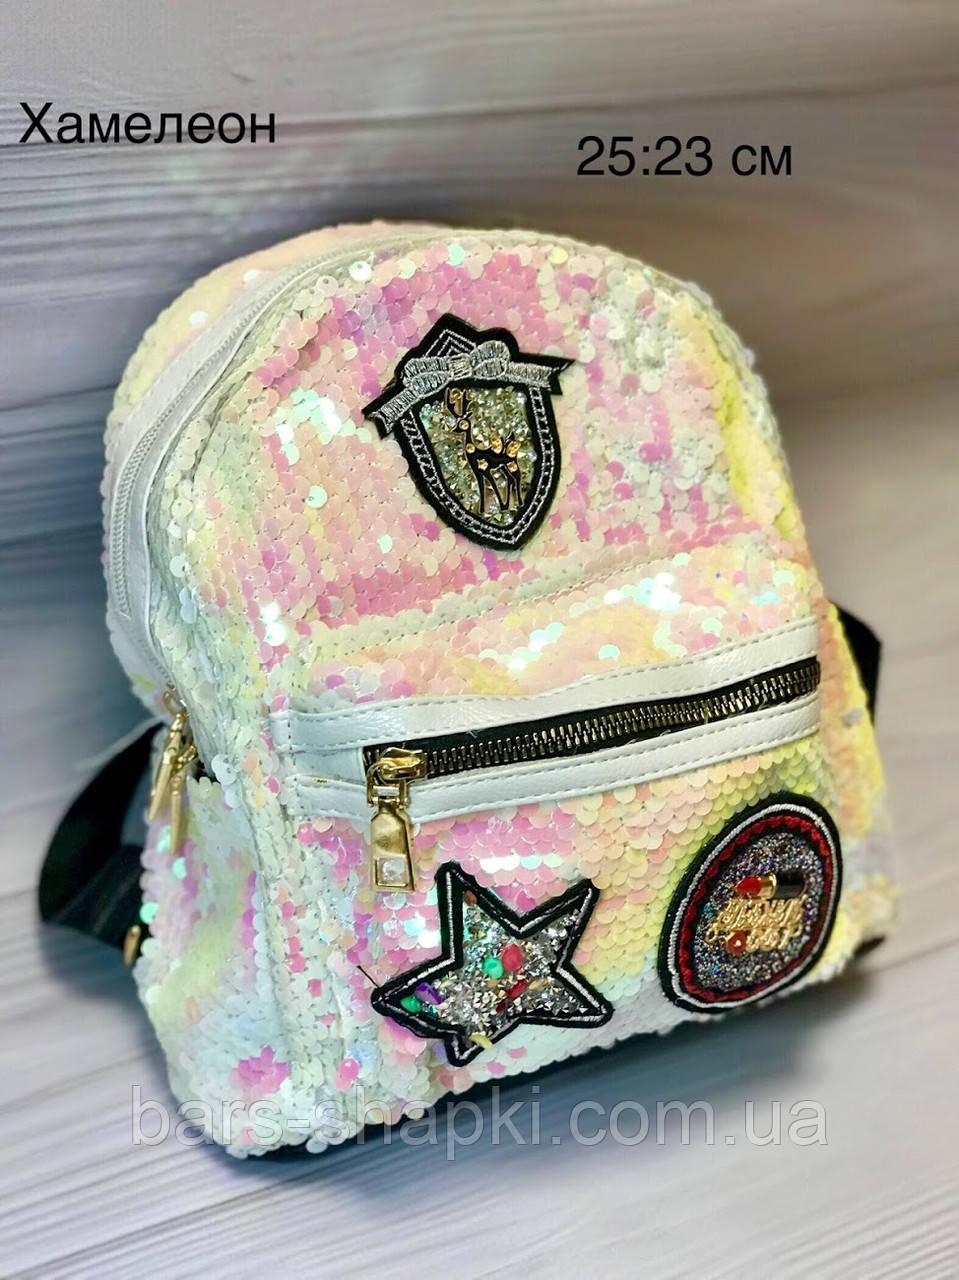 Элит рюкзак с паетками перевертышами, хамелион. Качество